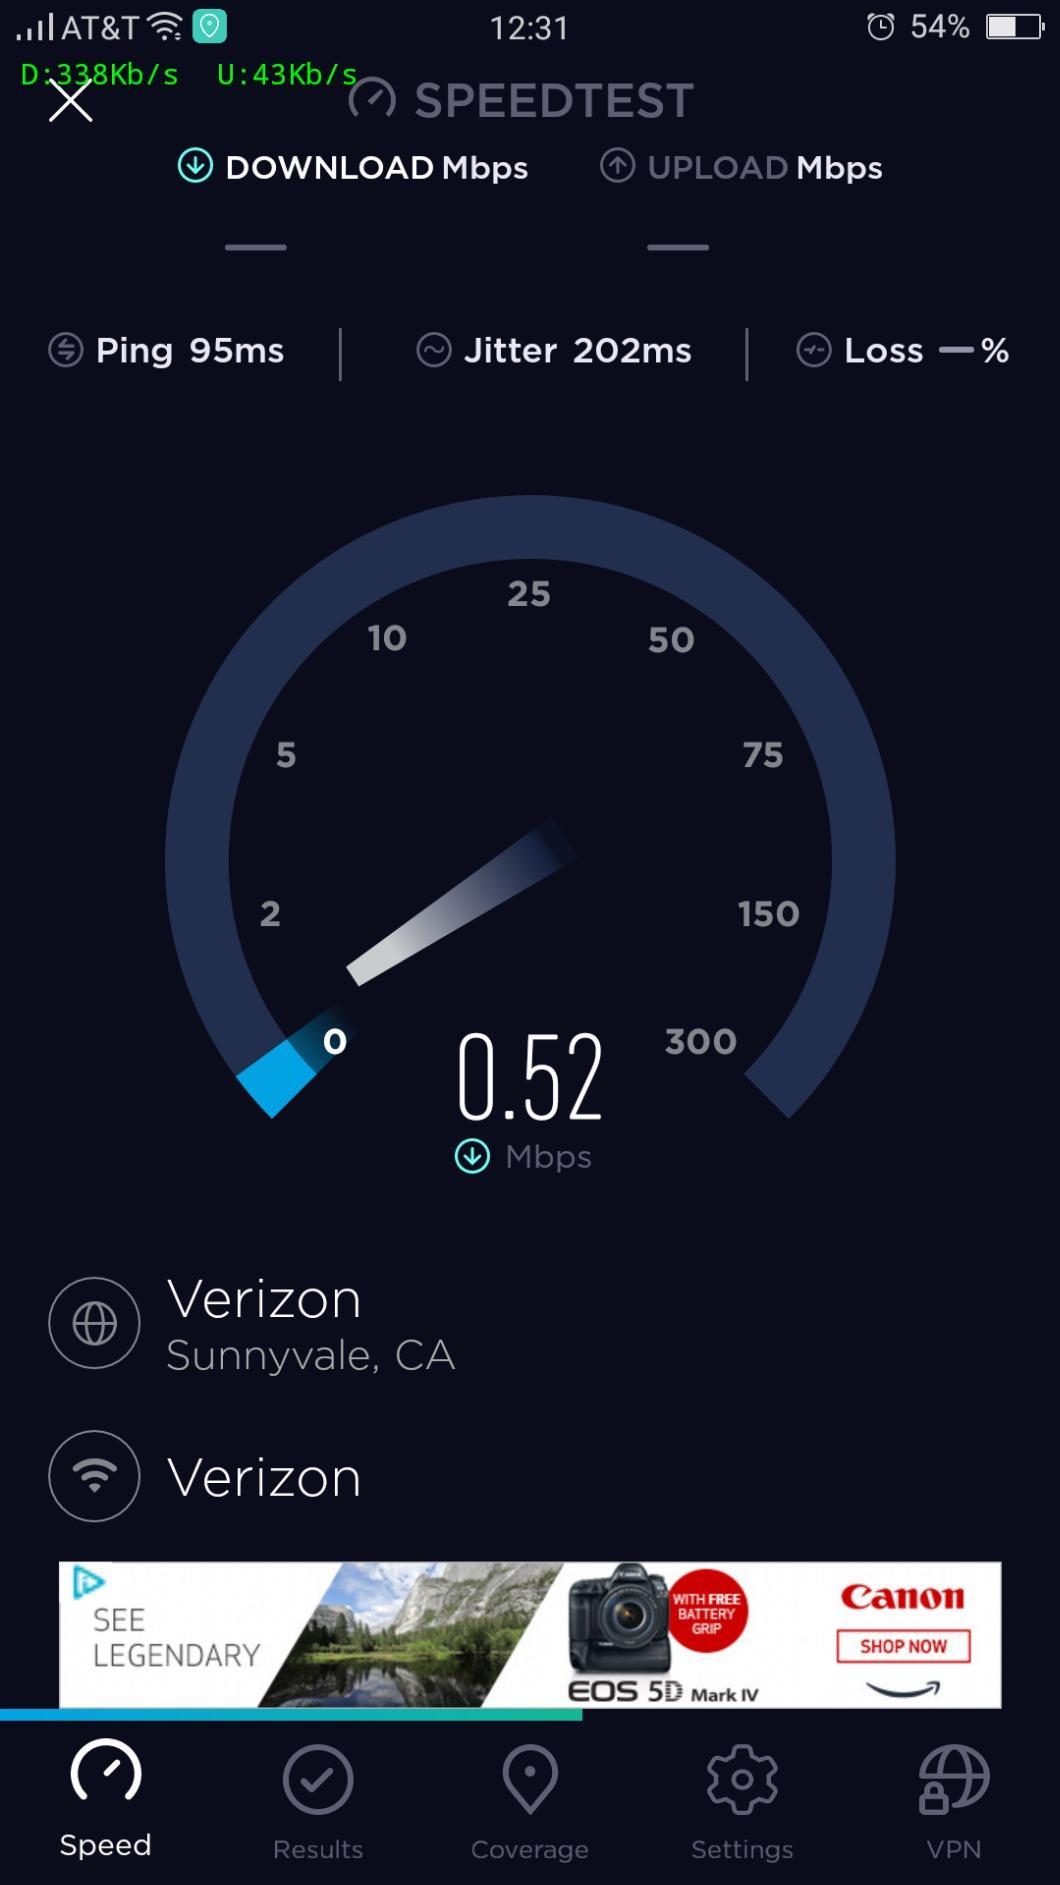 Novatel Verizon Wireless Jetpack 7730L 4G LTE Includes JPO